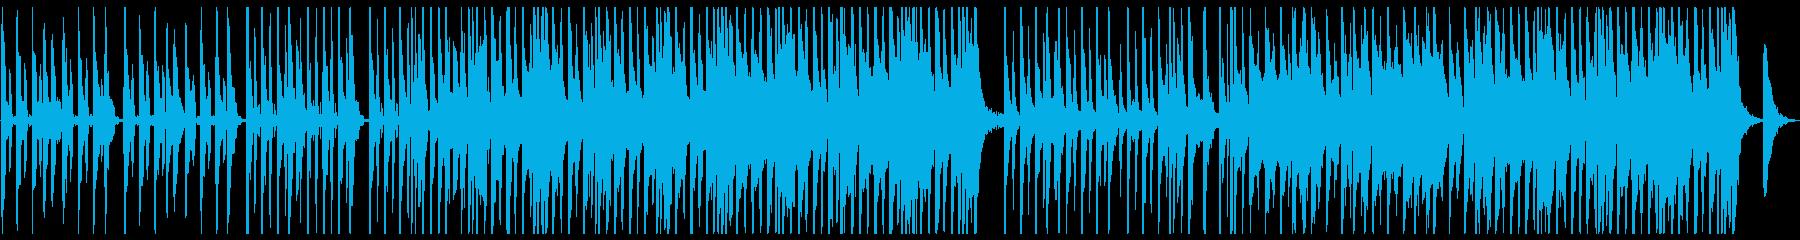 シンプルでキャッチーなポップスの再生済みの波形